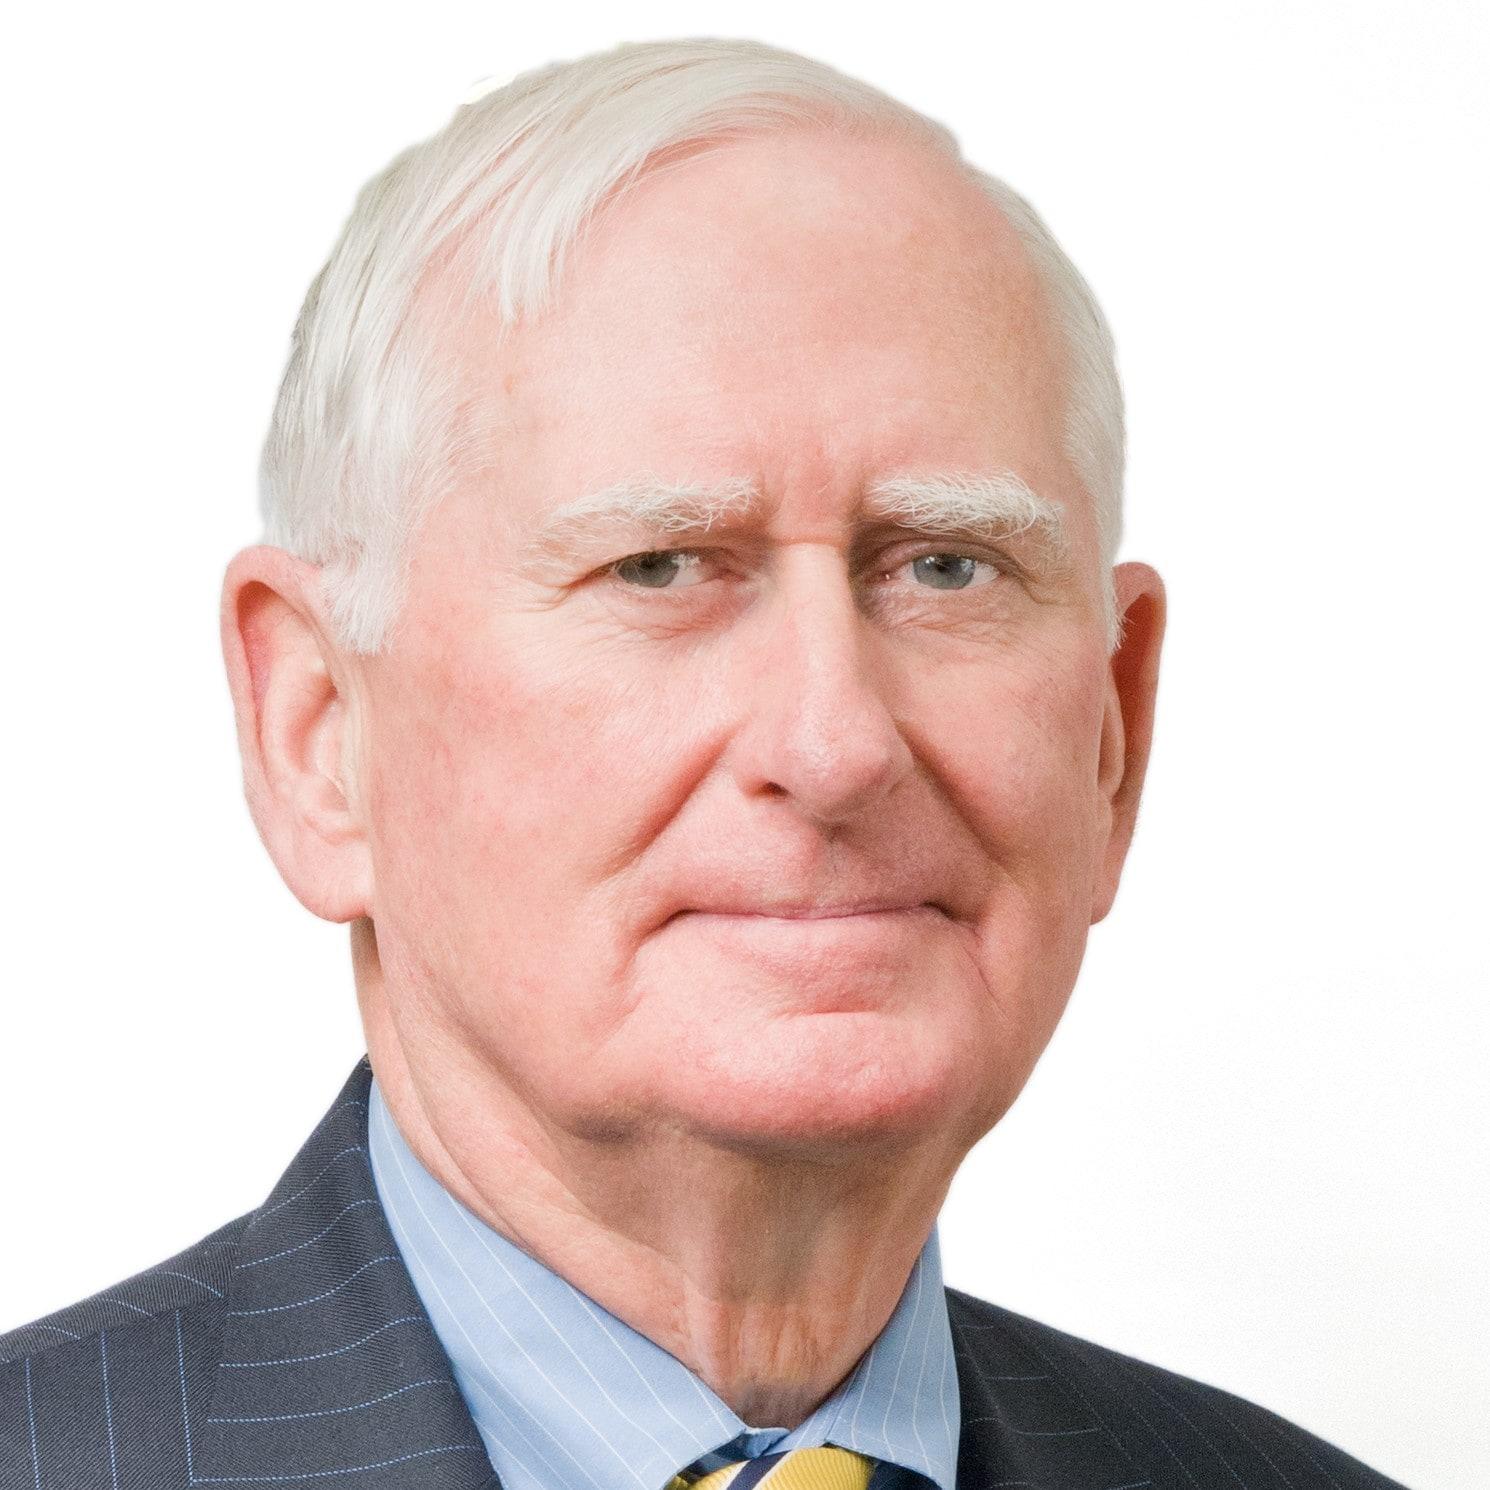 Dr. Jack C Long MD